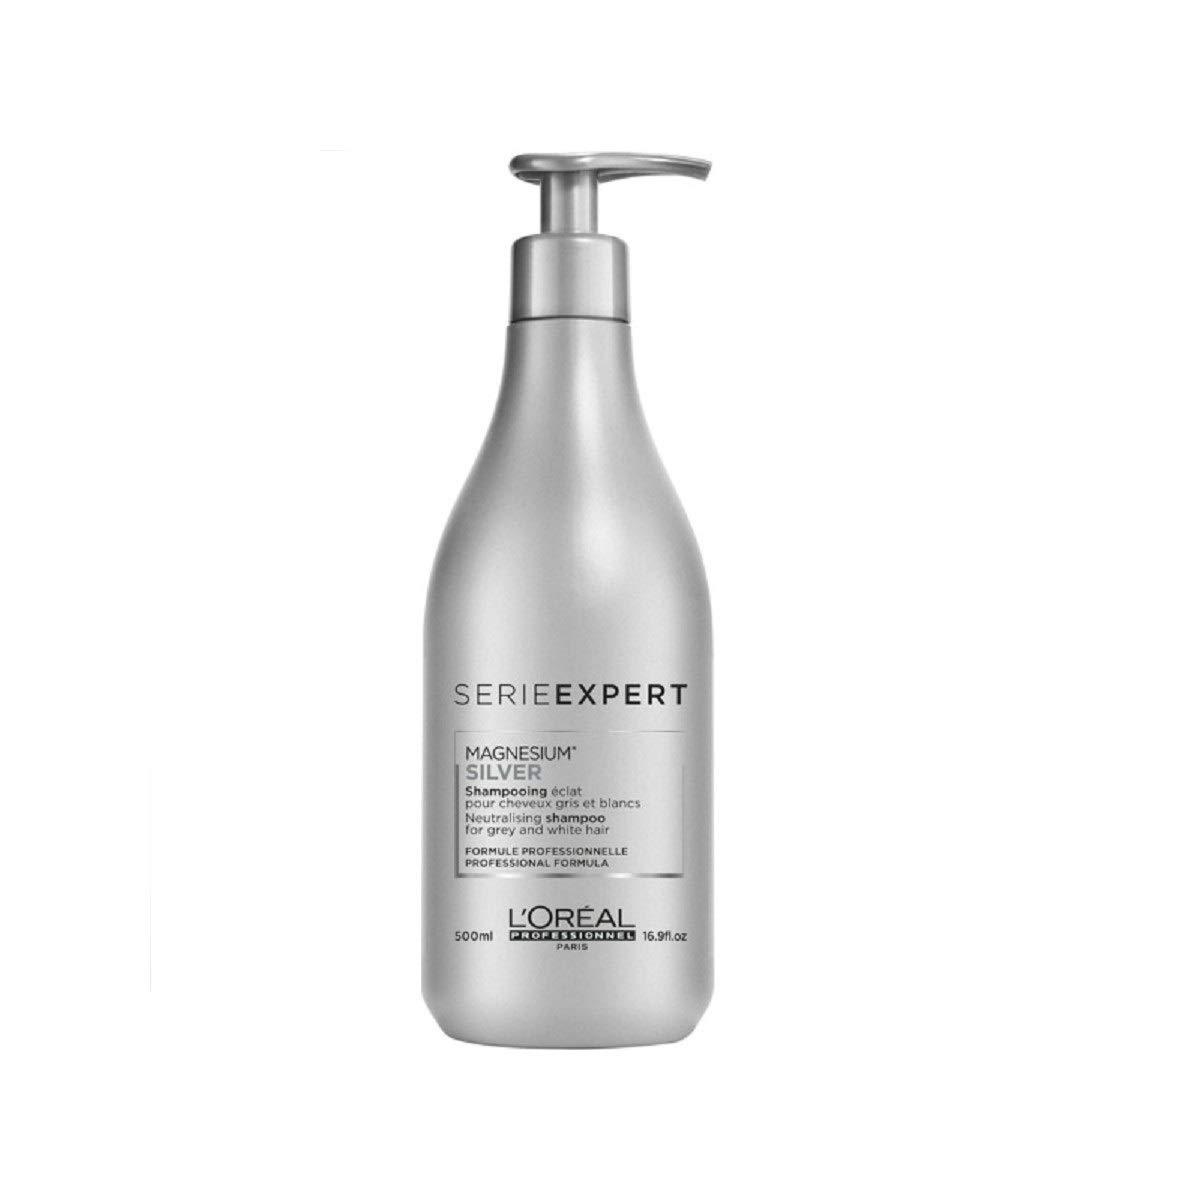 LOréal Expert Professionnel, Champú - 500 ml. product image